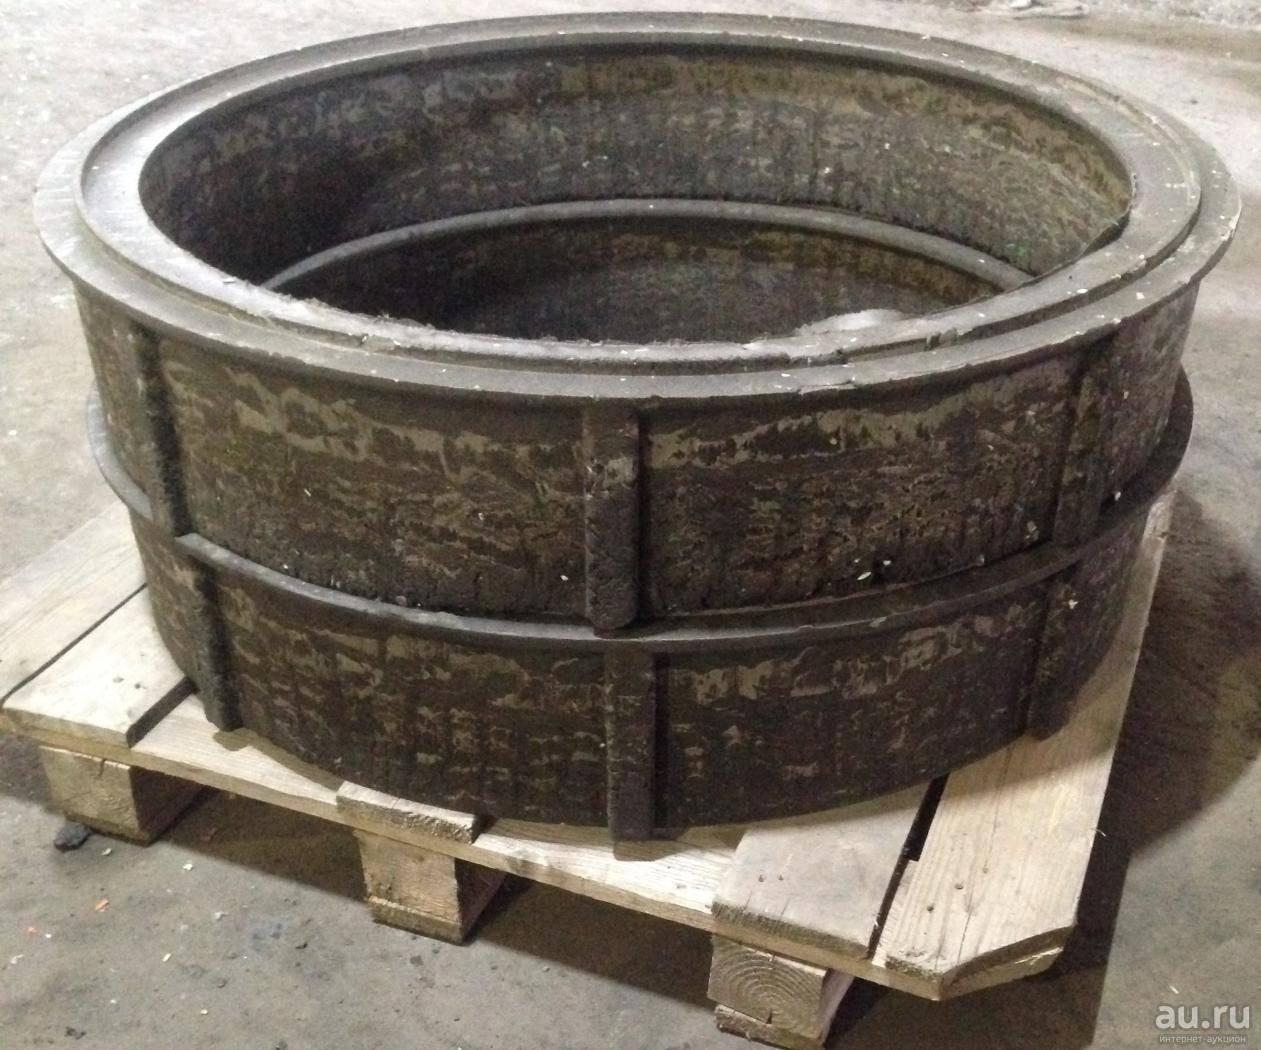 Бетонные кольца для канализации: классификация и размеры, плюсы и минусы ж/б колец, этапы монтажа септика